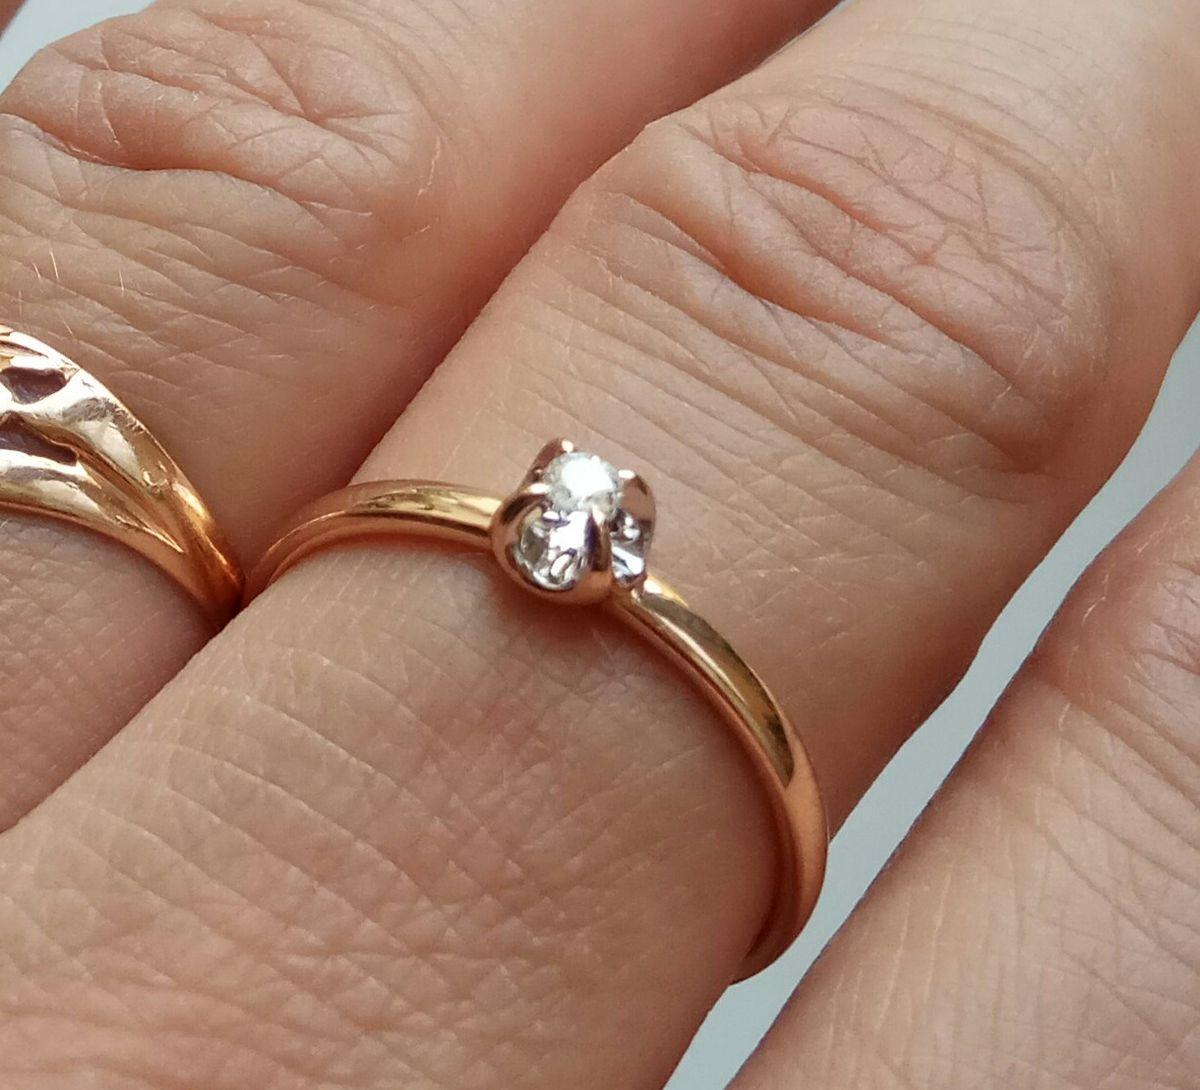 Нежное кольцо с бриллиантом 💍💕